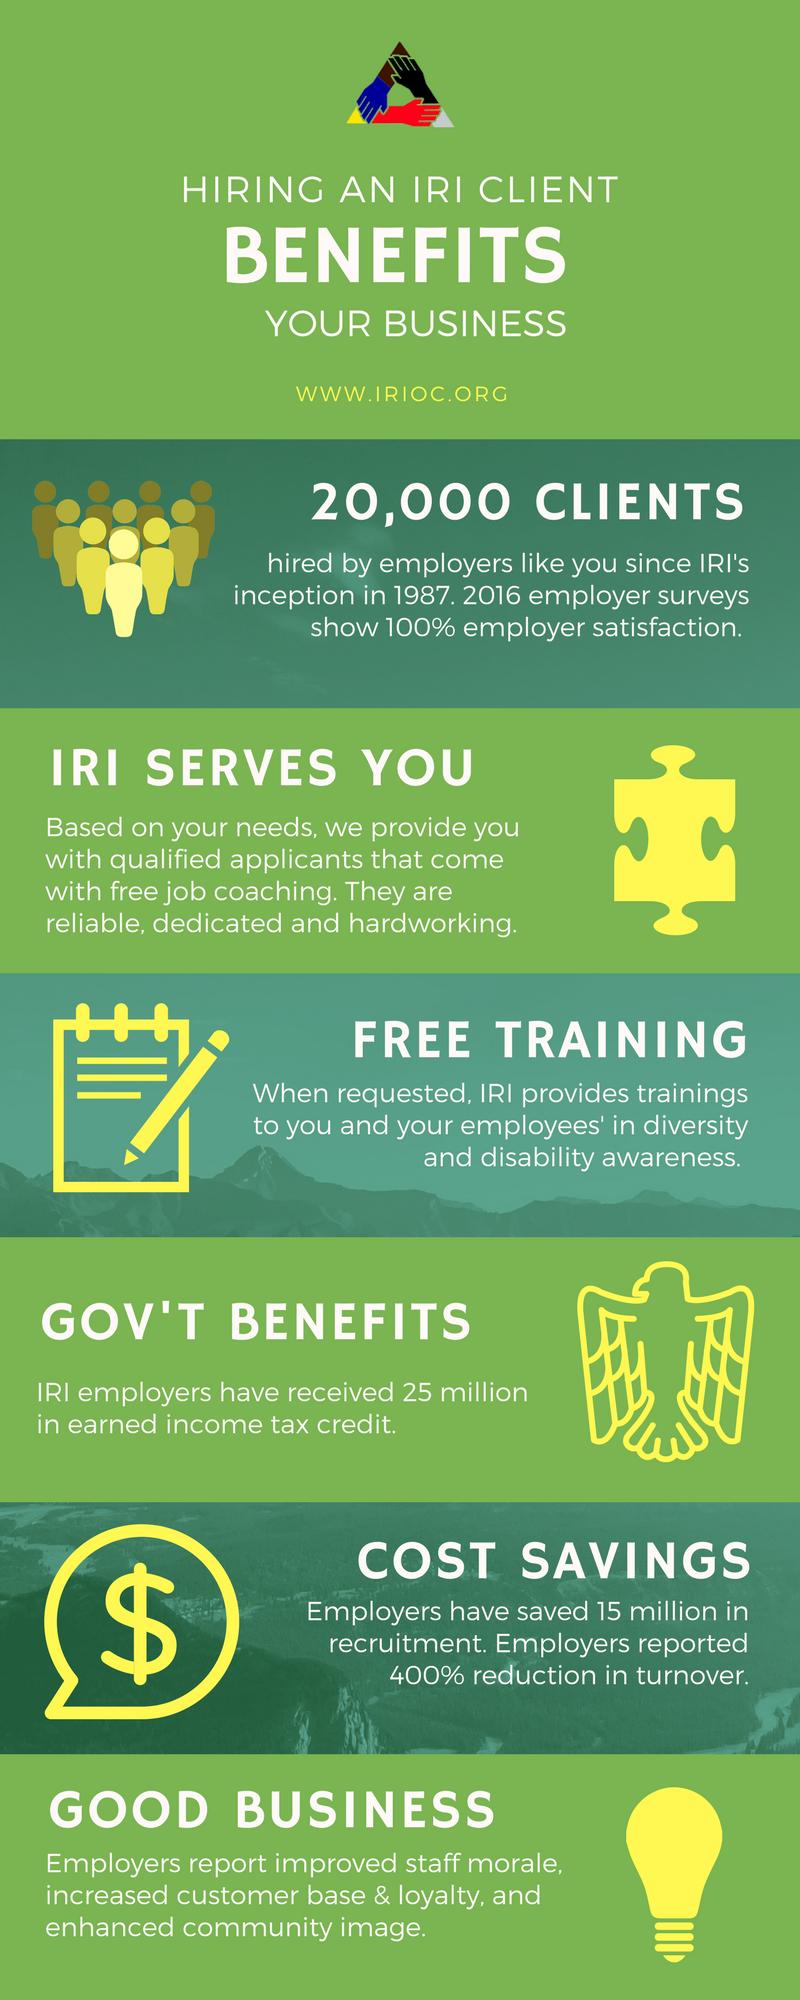 Benefits of hiring an IRI Client